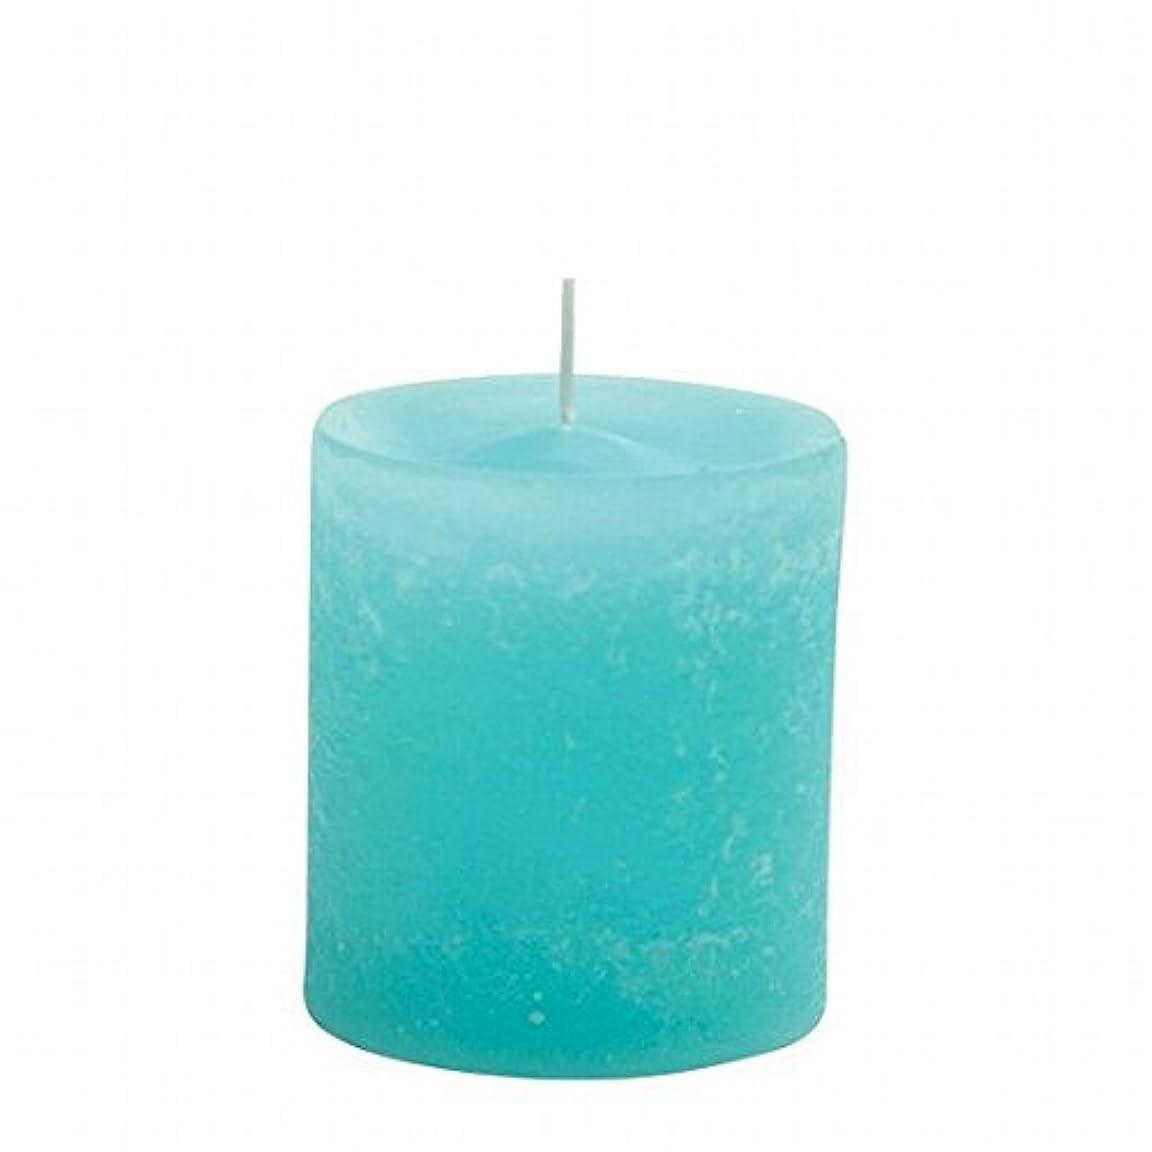 大学院意義ストッキングカメヤマキャンドル(kameyama candle) ラスティクピラー70×75 「 ライトブルー 」